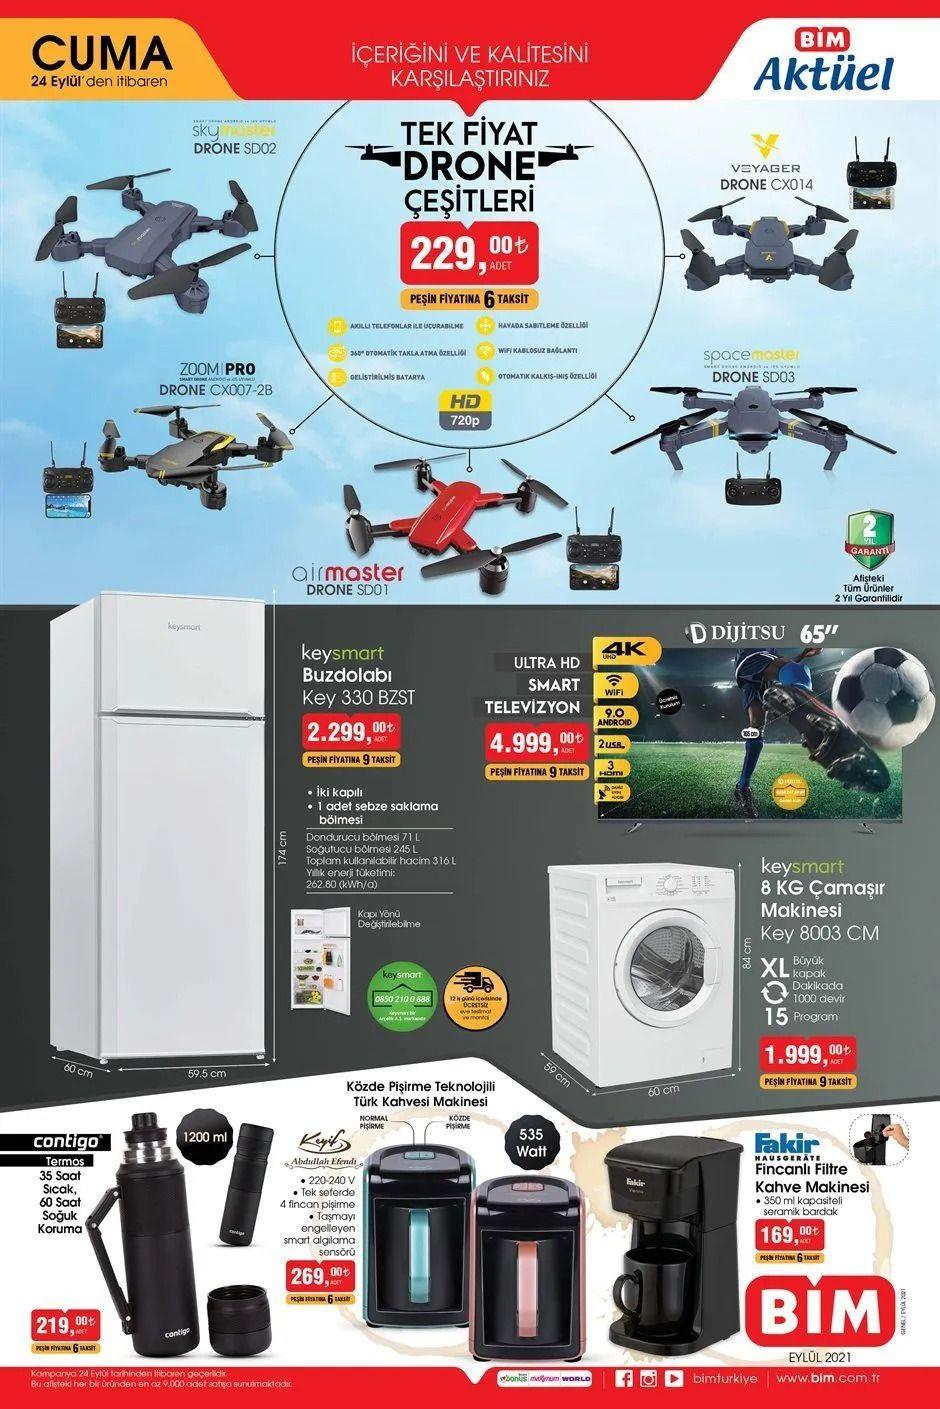 BİM 24 Eylül 2021 aktüel ürünler kataloğu Cuma fiyat listesi - Sayfa 1